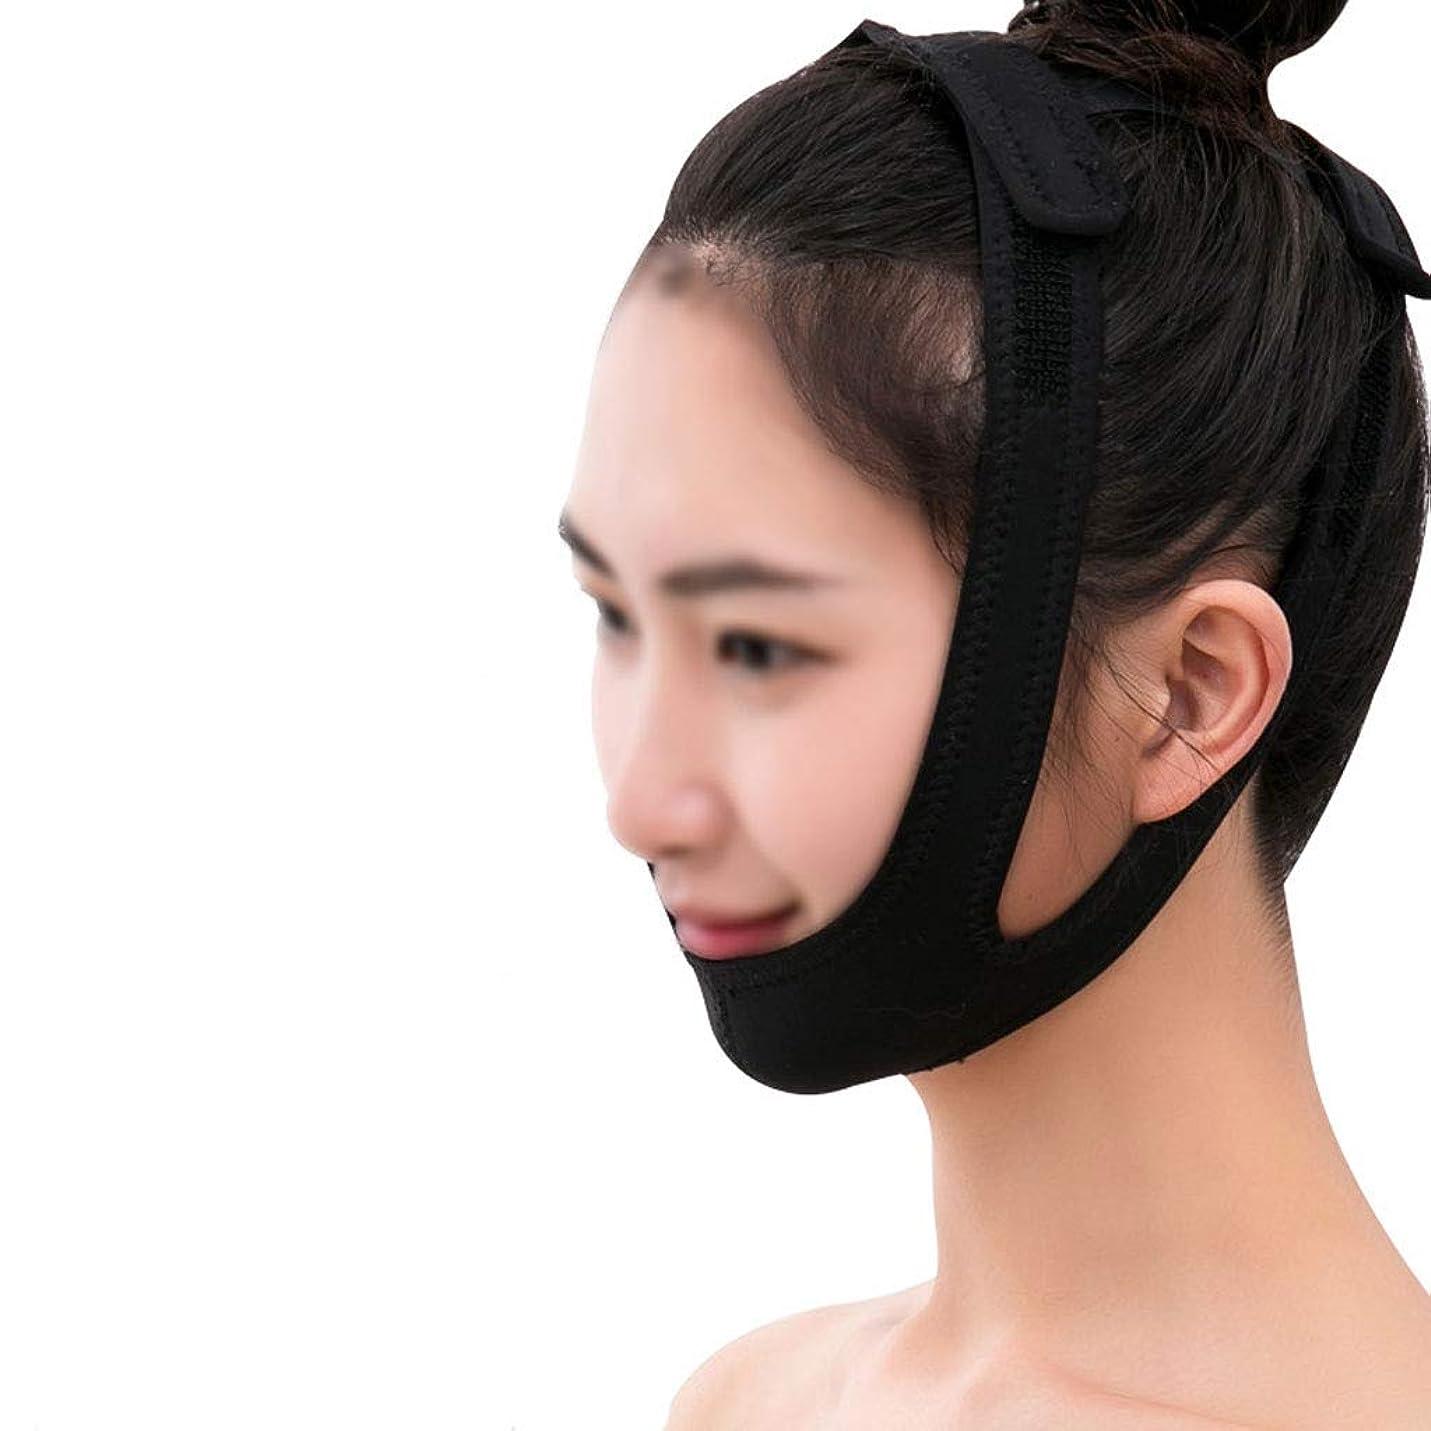 予報ハイランドこんにちはXHLMRMJ フェイシャルリフティングマスク、医療用ワイヤーカービングリカバリーヘッドギアVフェイス包帯ダブルチンフェイスリフトマスク